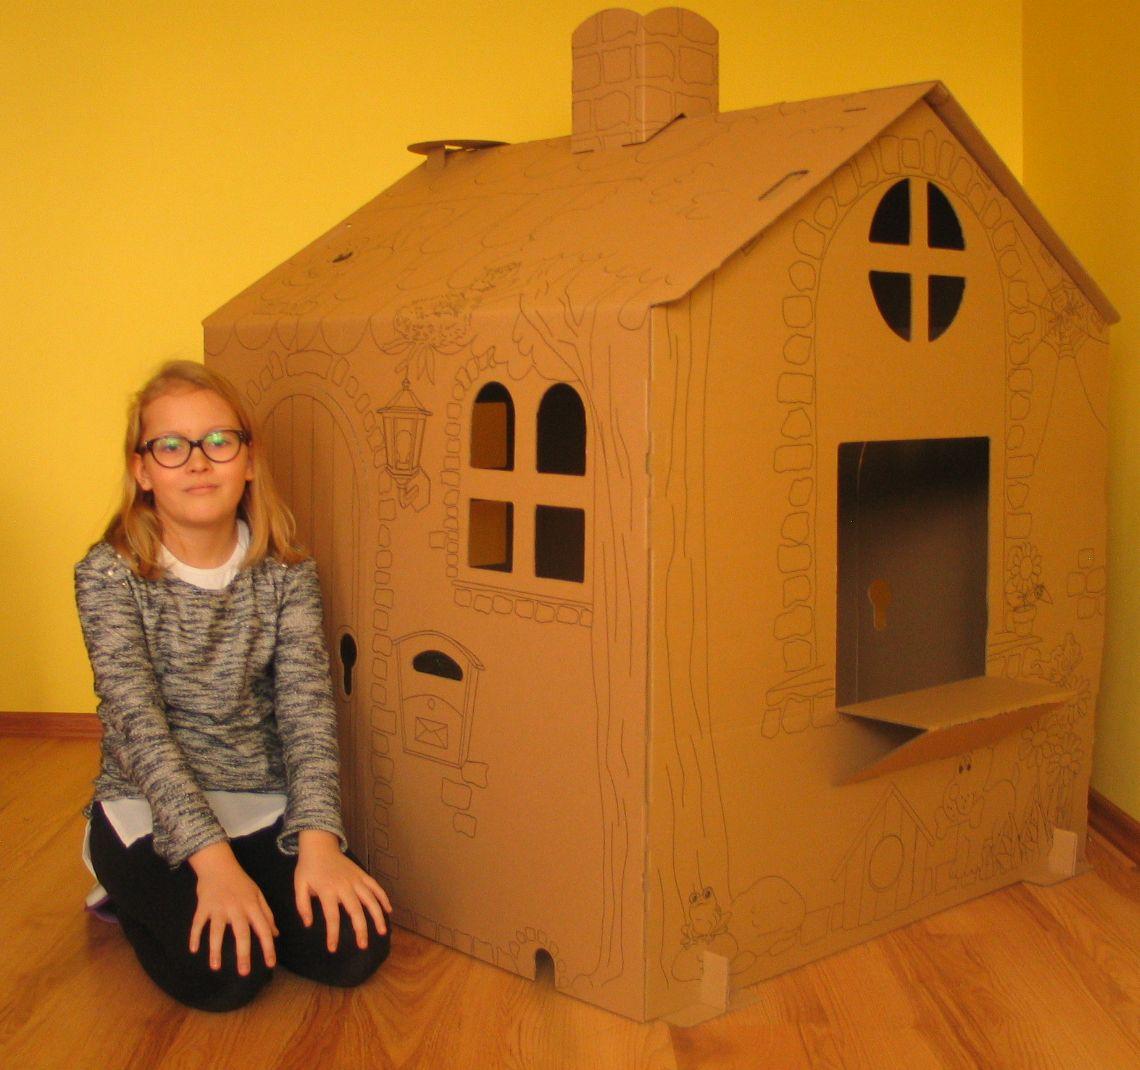 dziecko i domek tekturowy